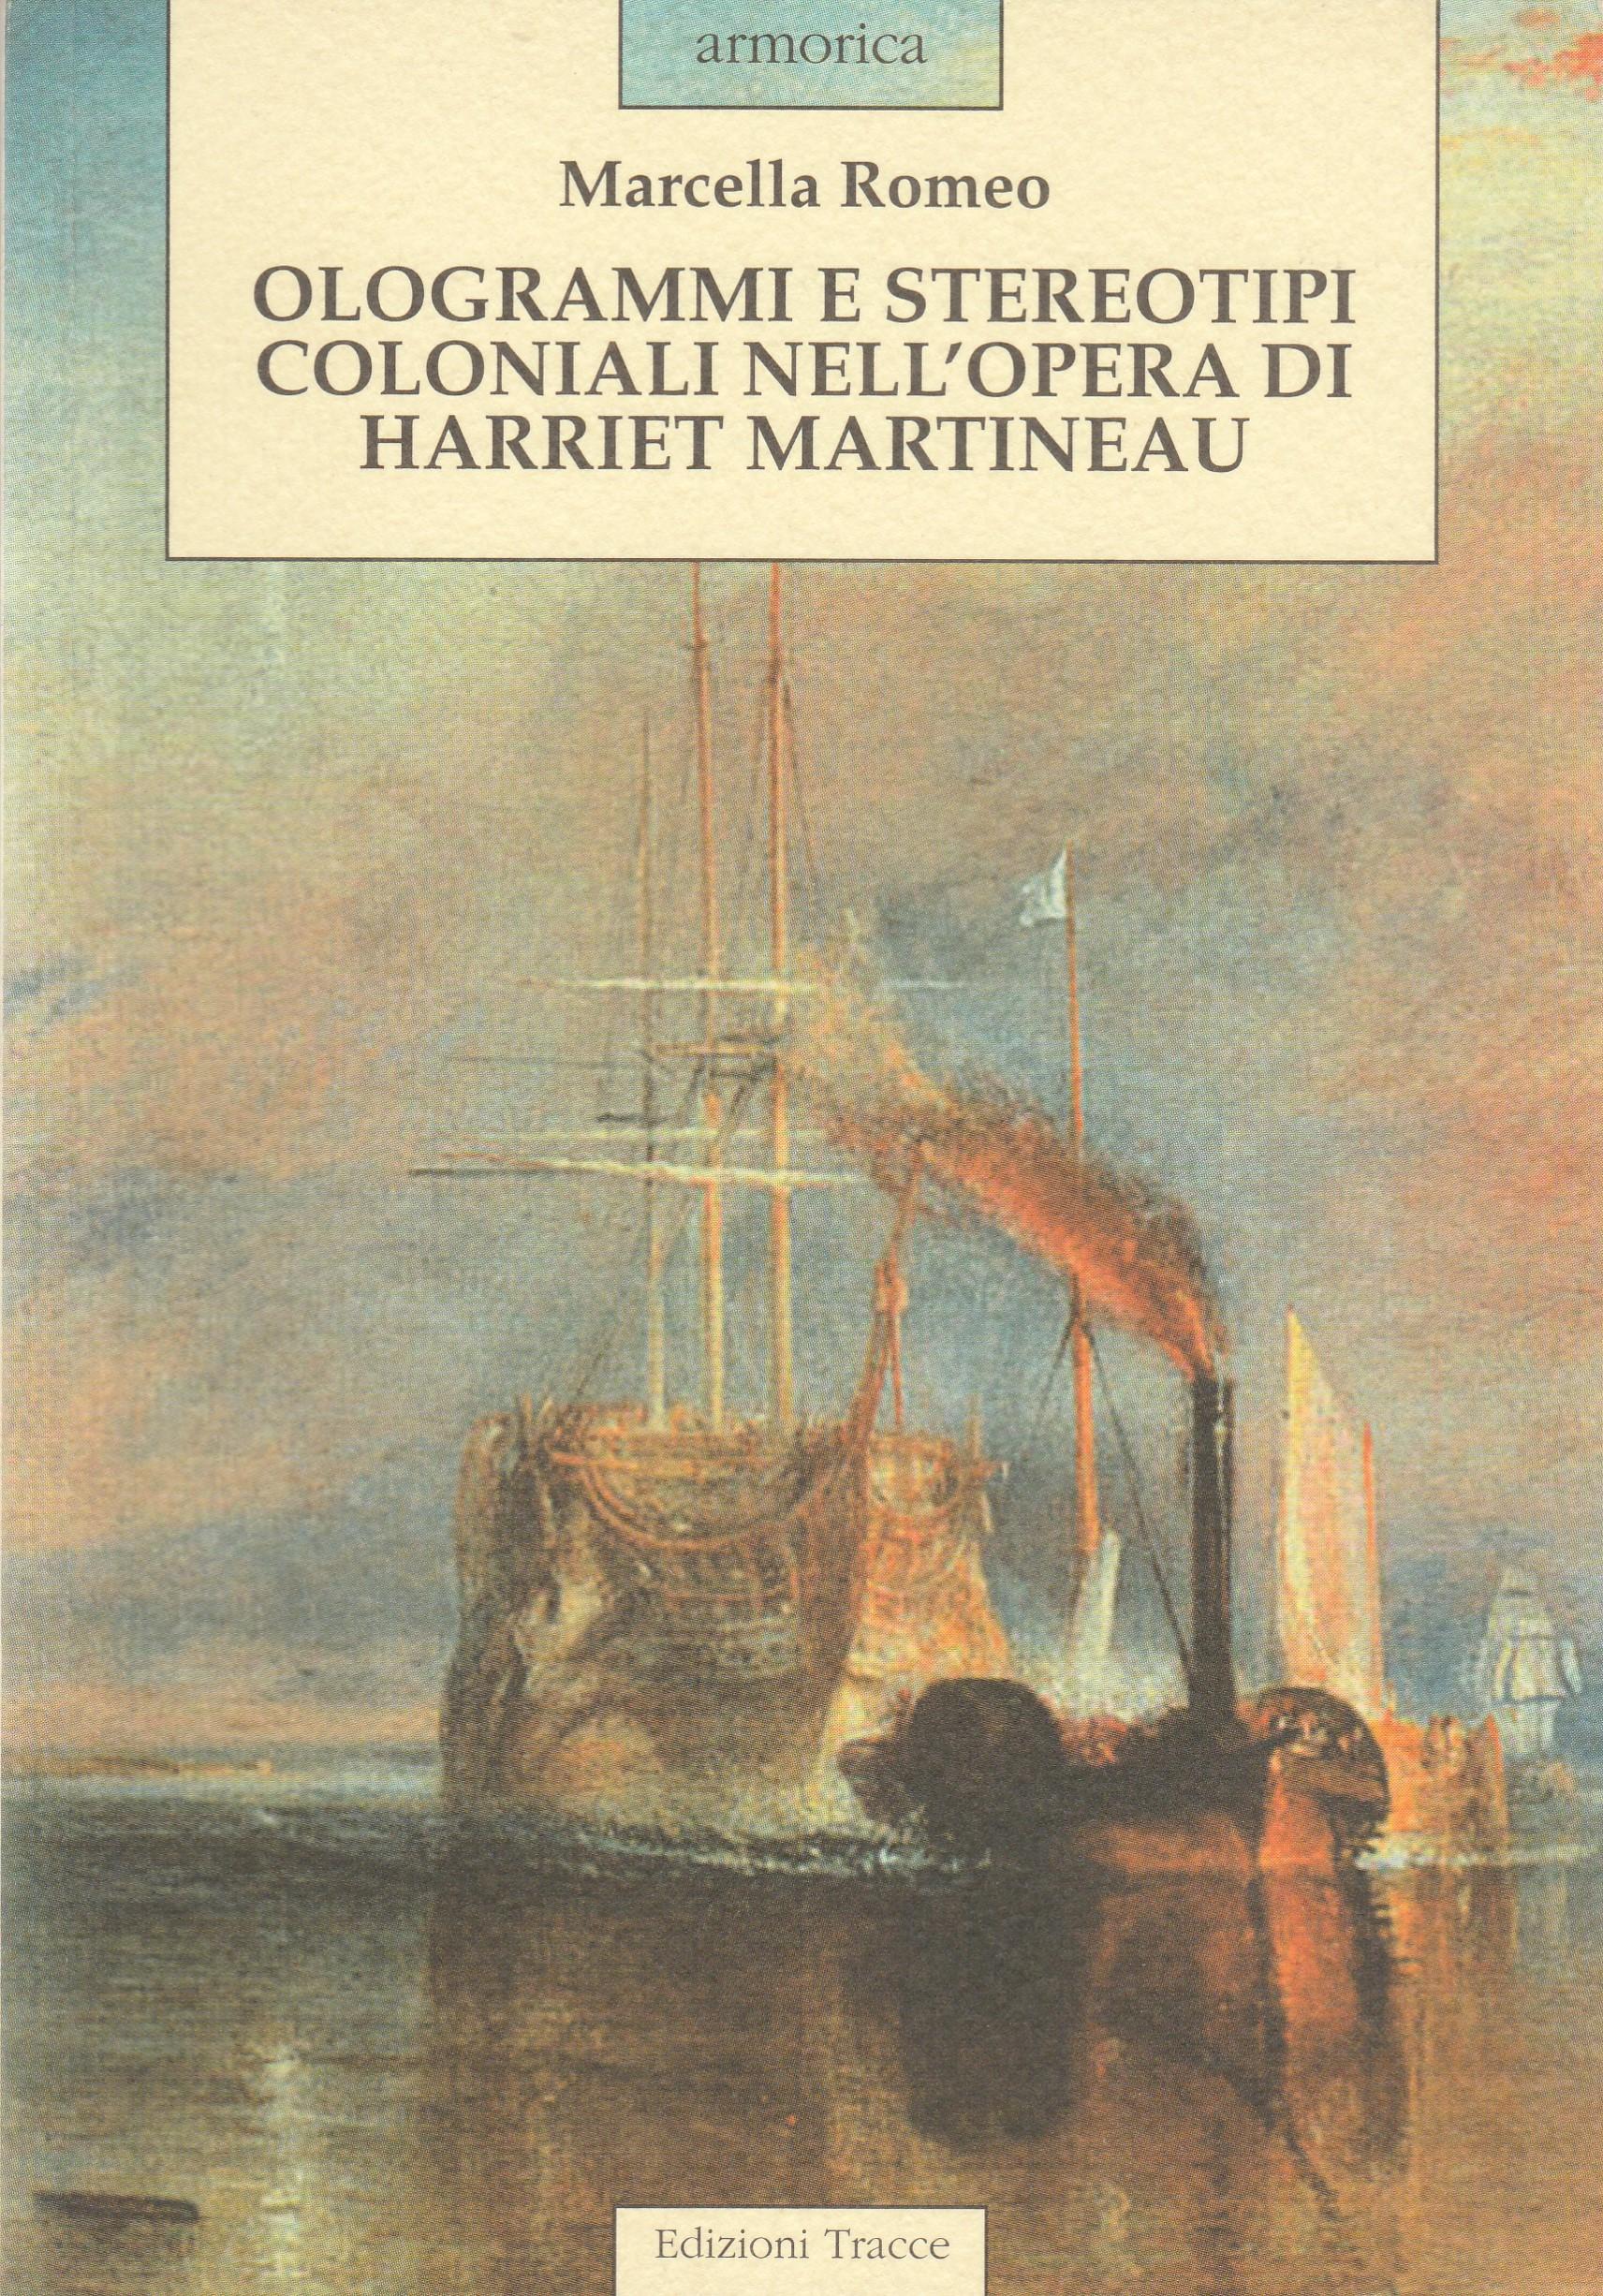 Ologrammi e stereotipi coloniali nell'opera di Harriet Martineau